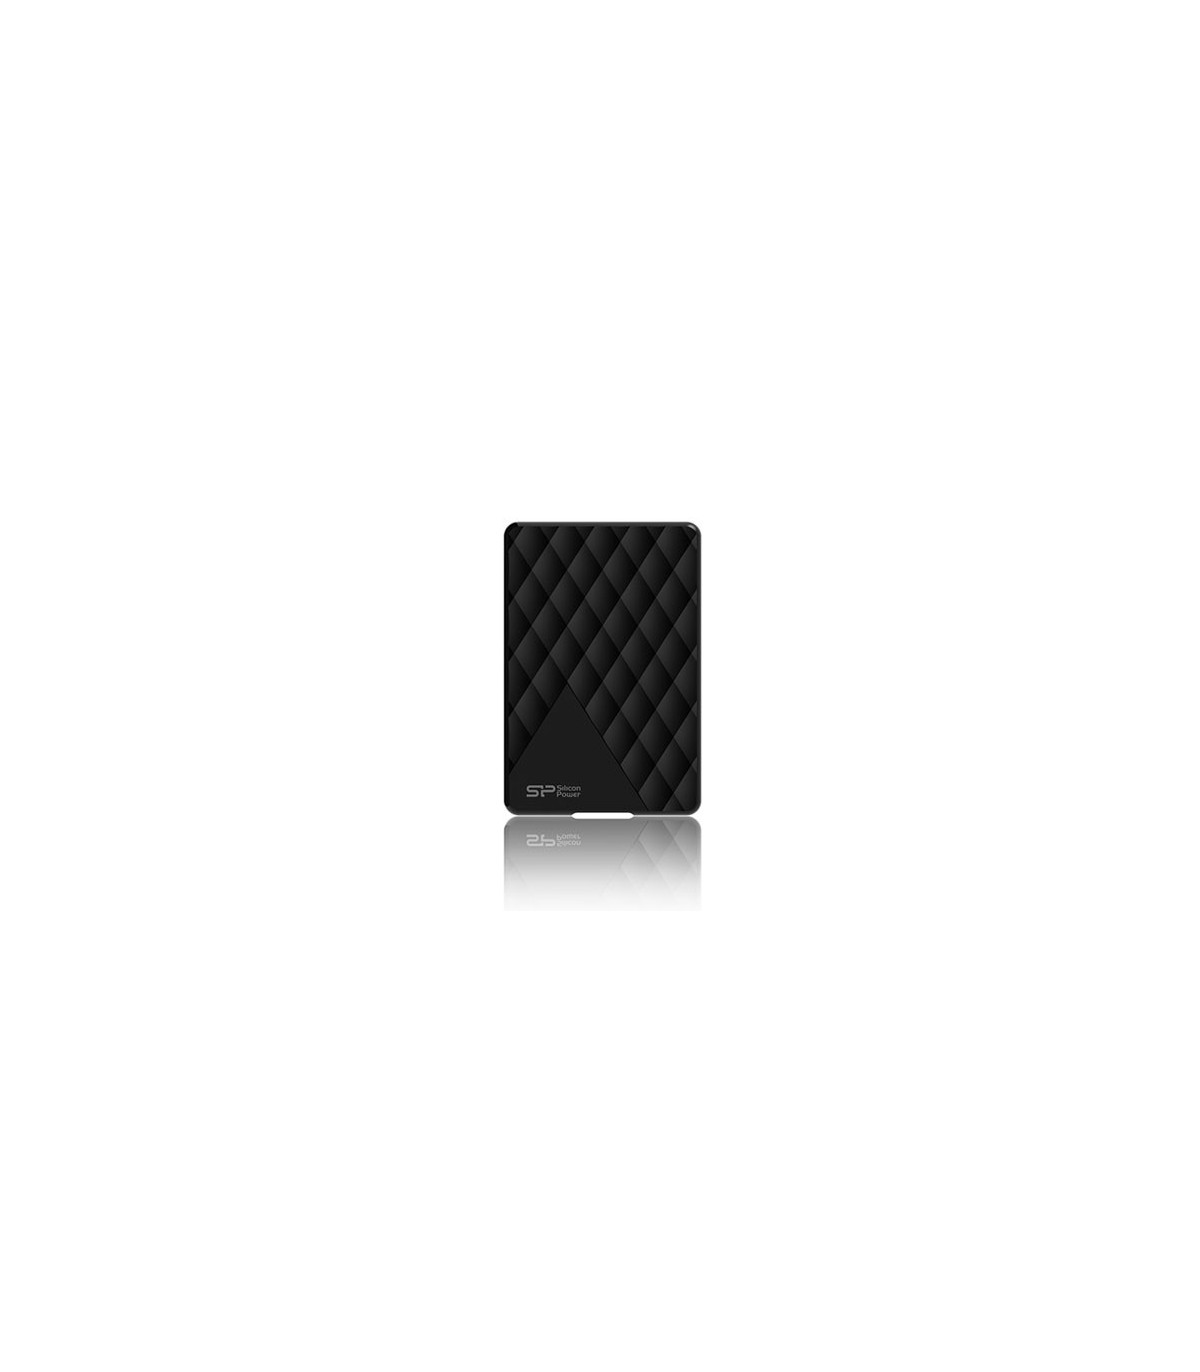 هارد اکسترنال1 ترابایت Silicon Power Diamond D06